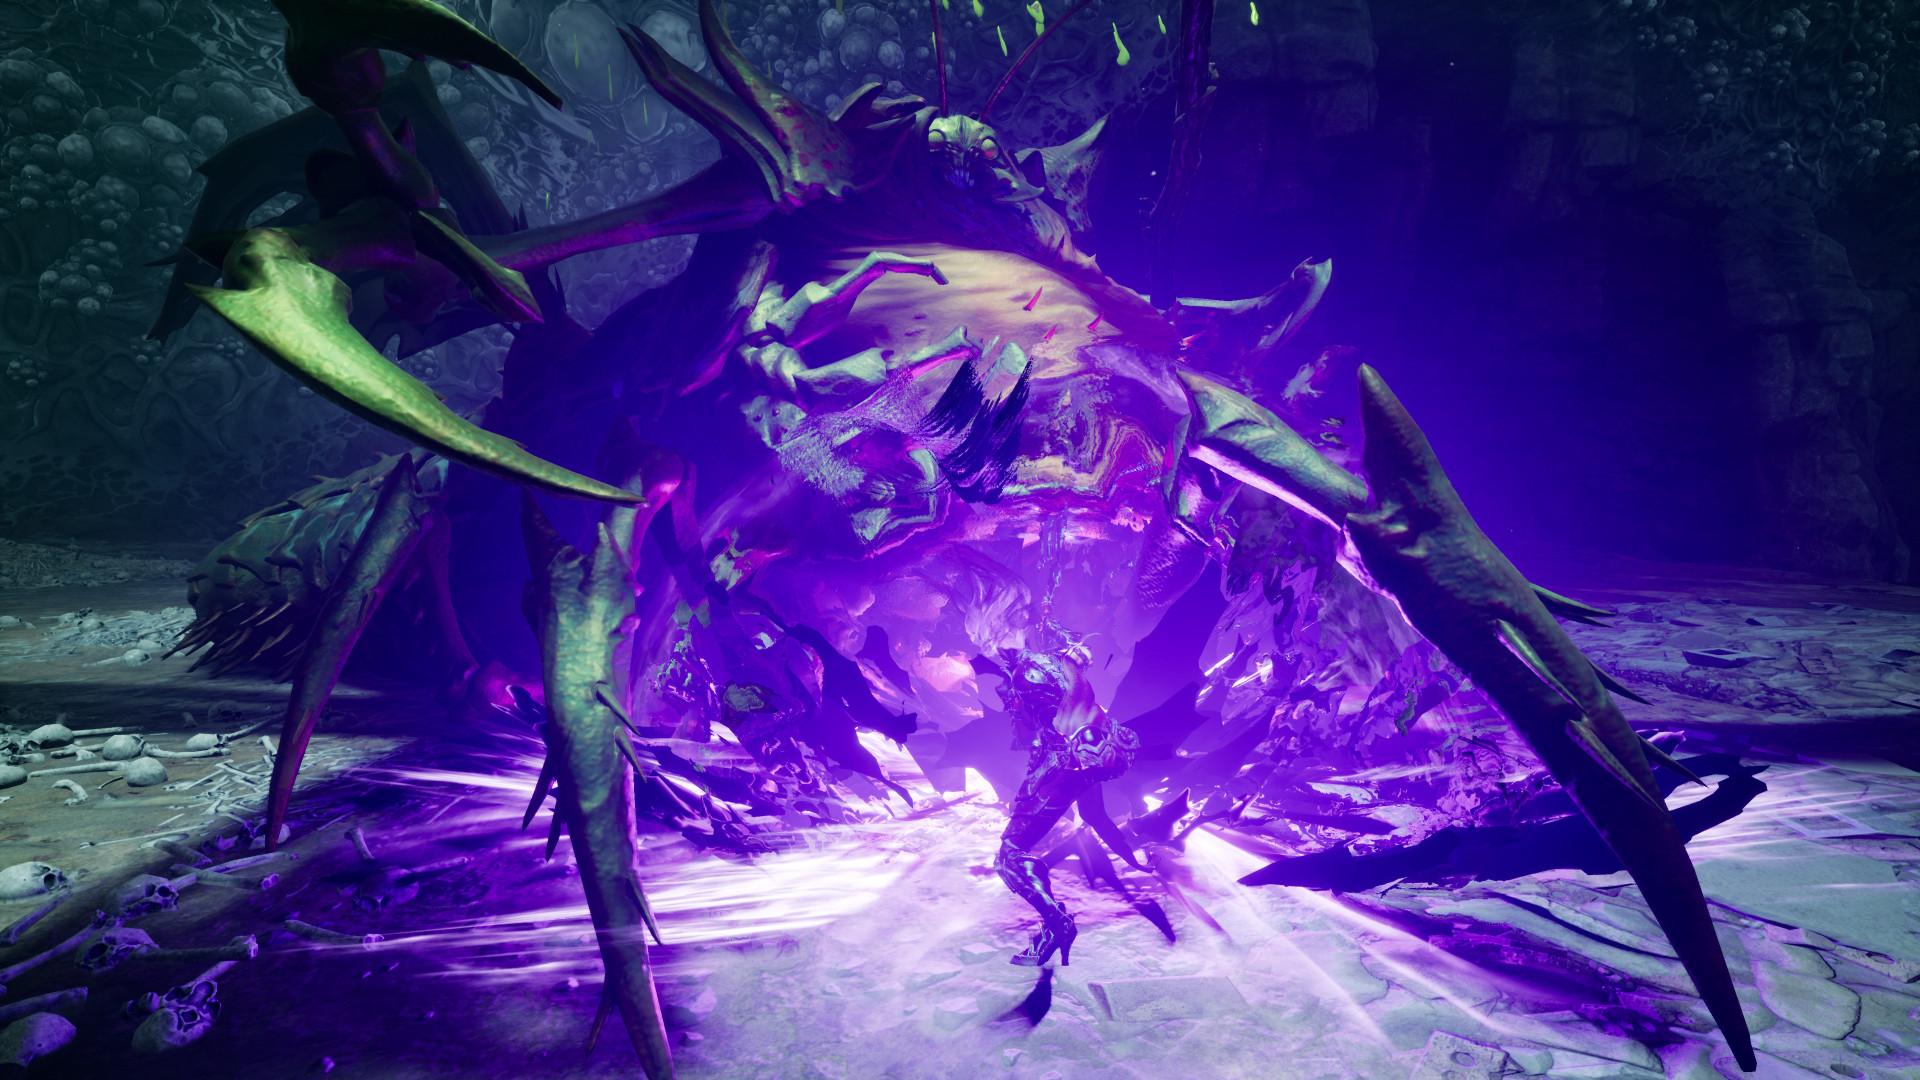 В новом трейлере Darksiders 3 Ярость убивает противников огромным молотом